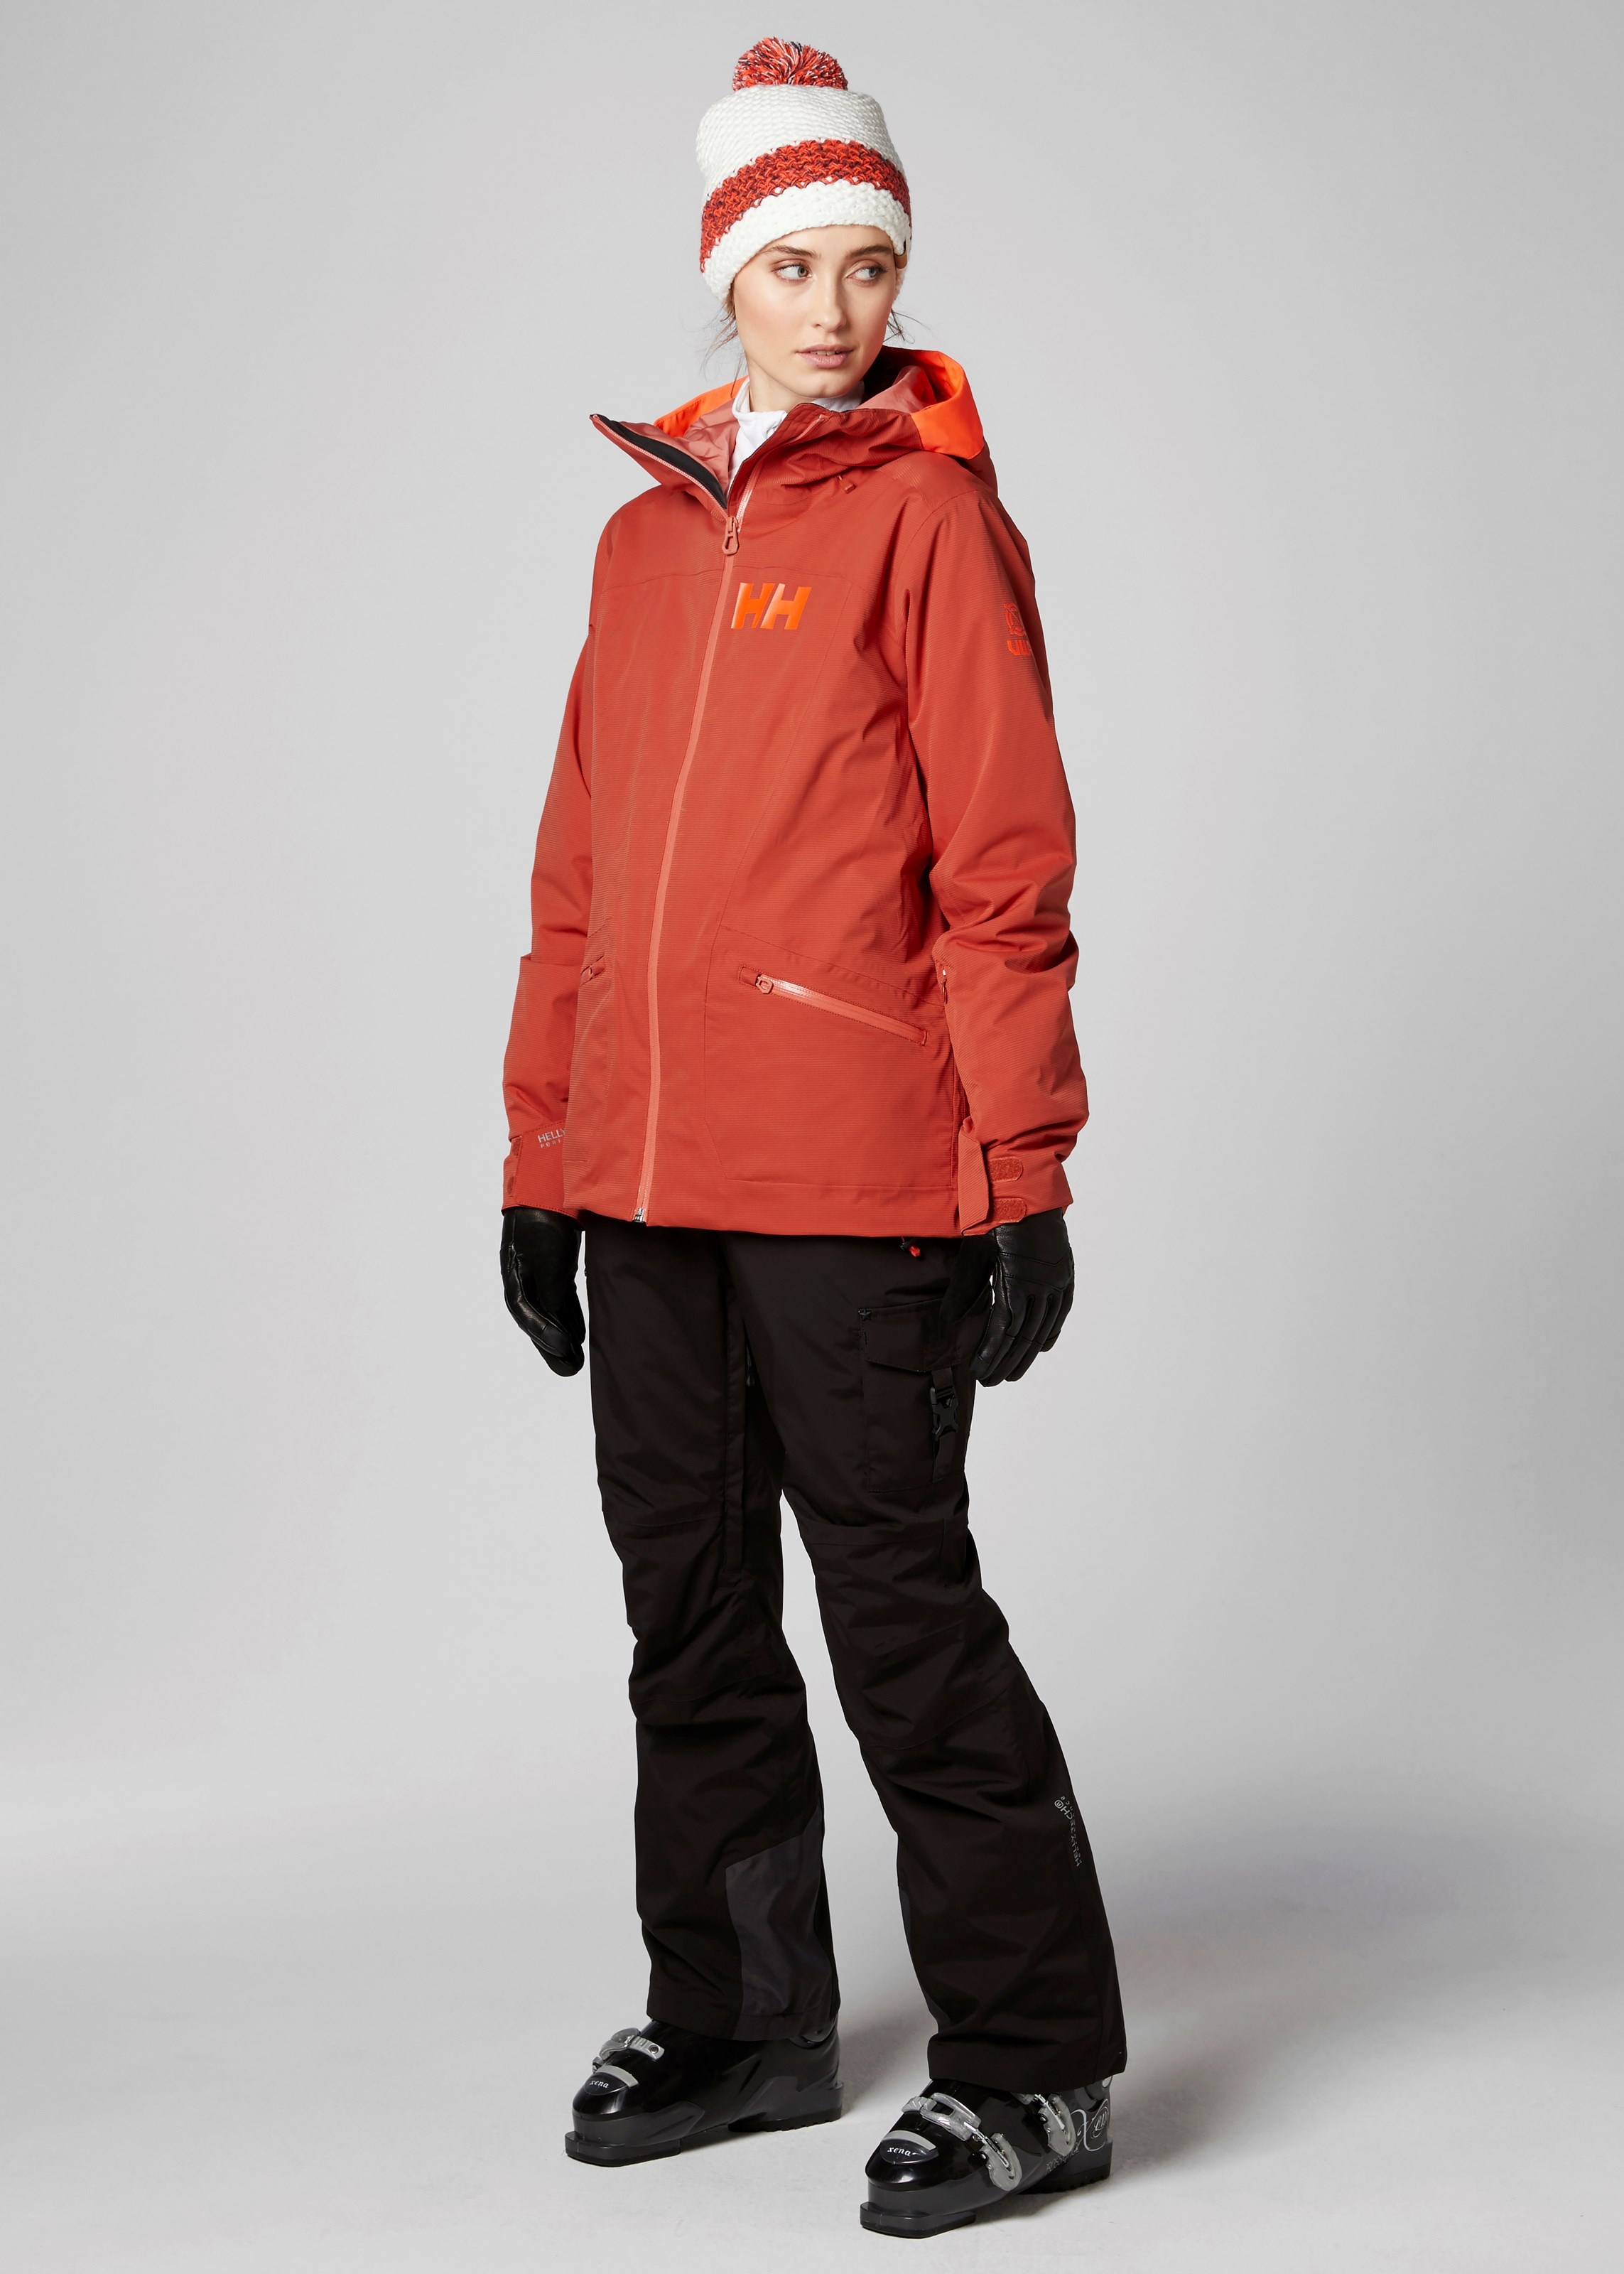 328fa9f3 Braasport - Helly Hansen W Glory Jacket, skijakke dame